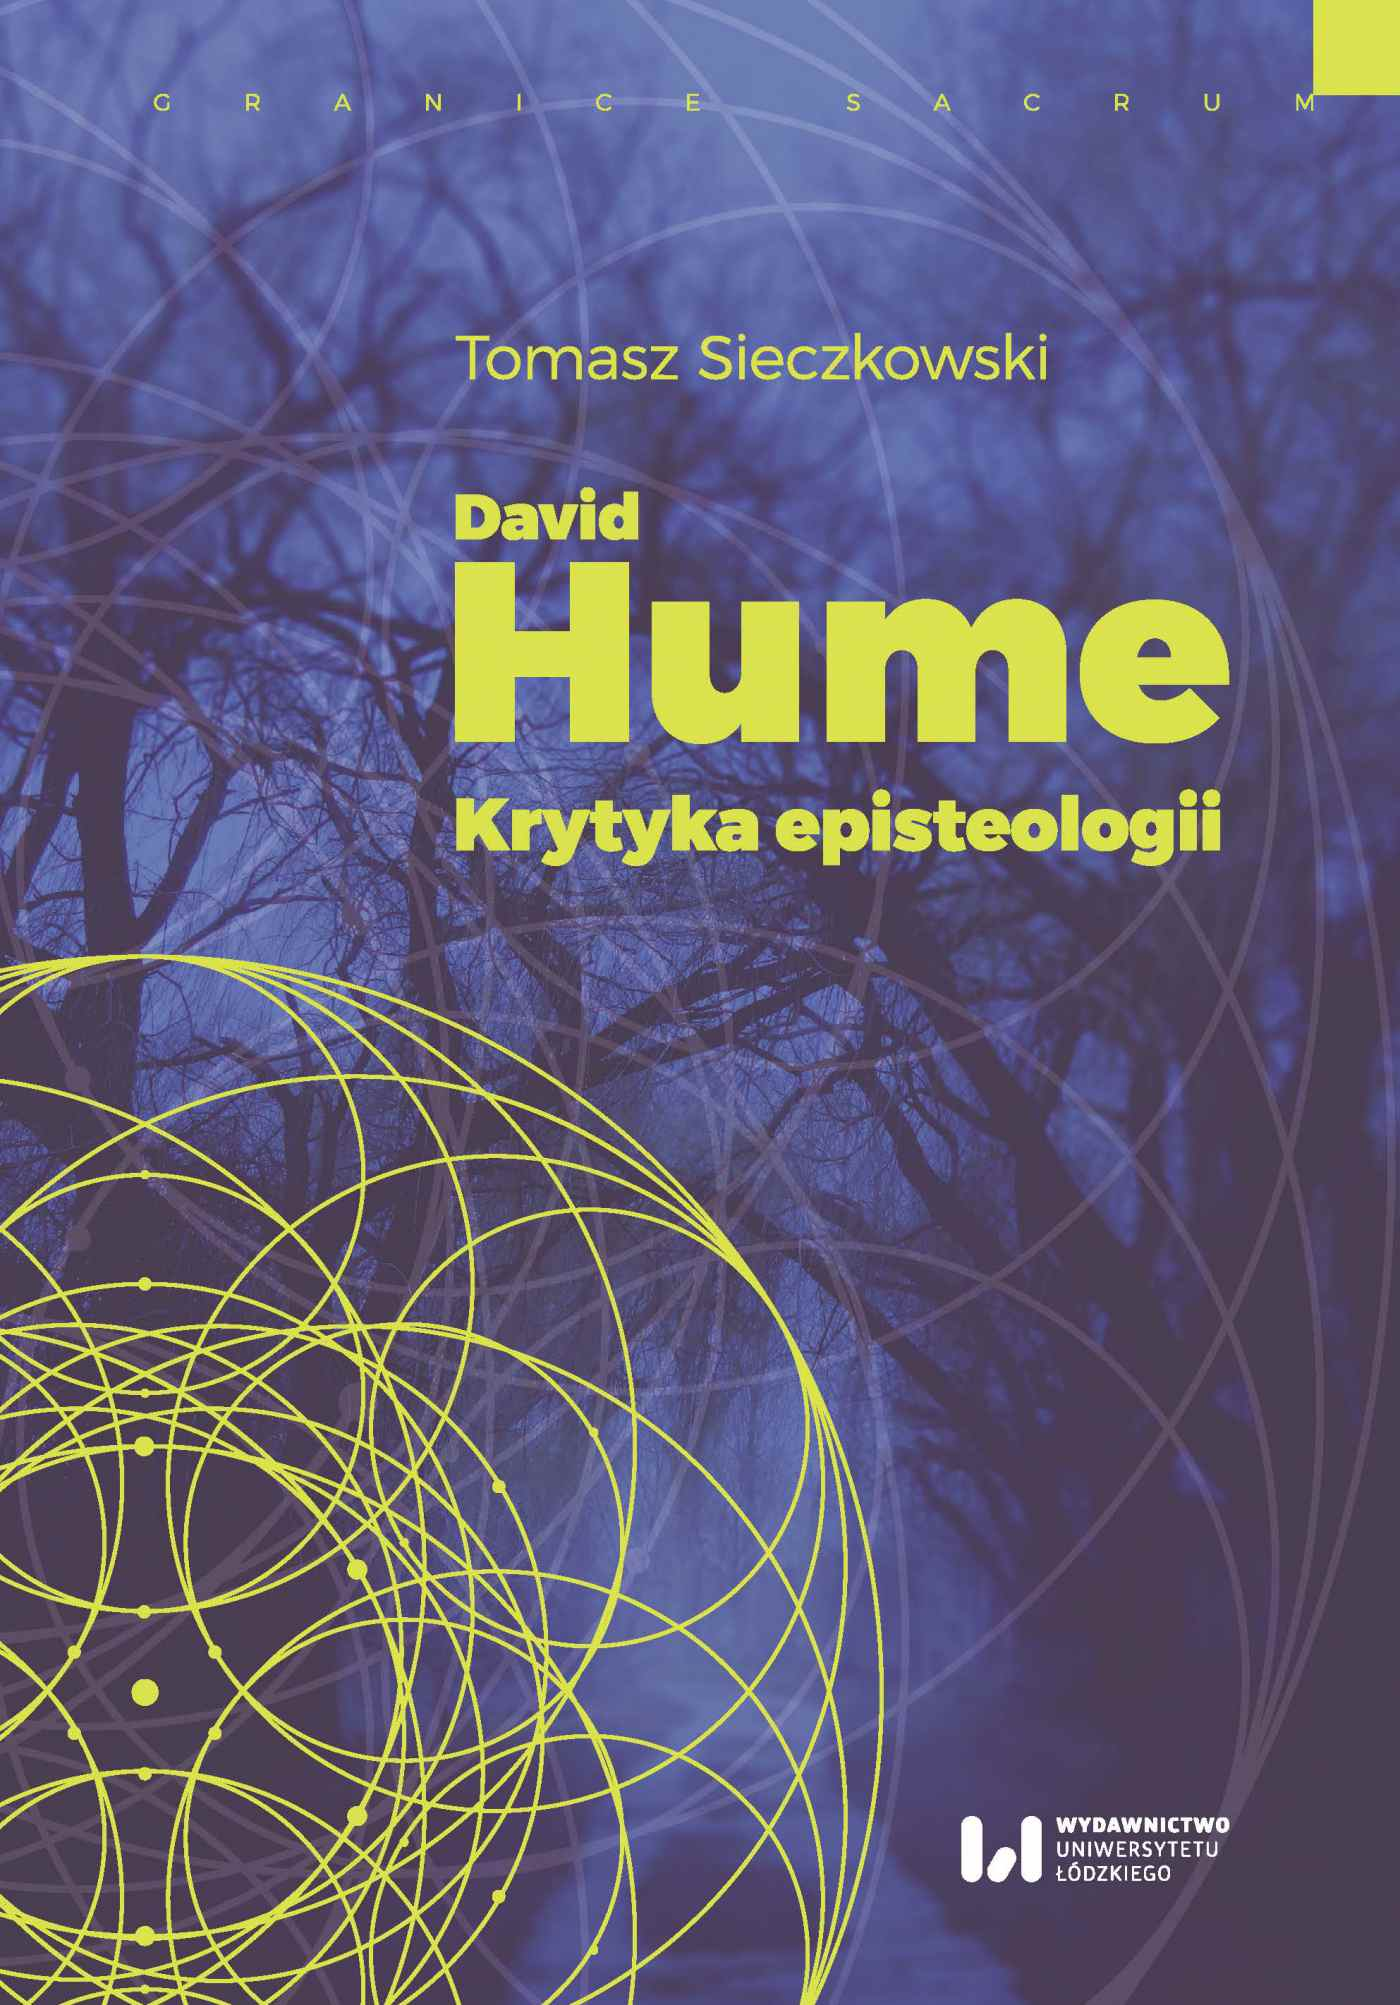 David Hume. Krytyka episteologii - Ebook (Książka EPUB) do pobrania w formacie EPUB